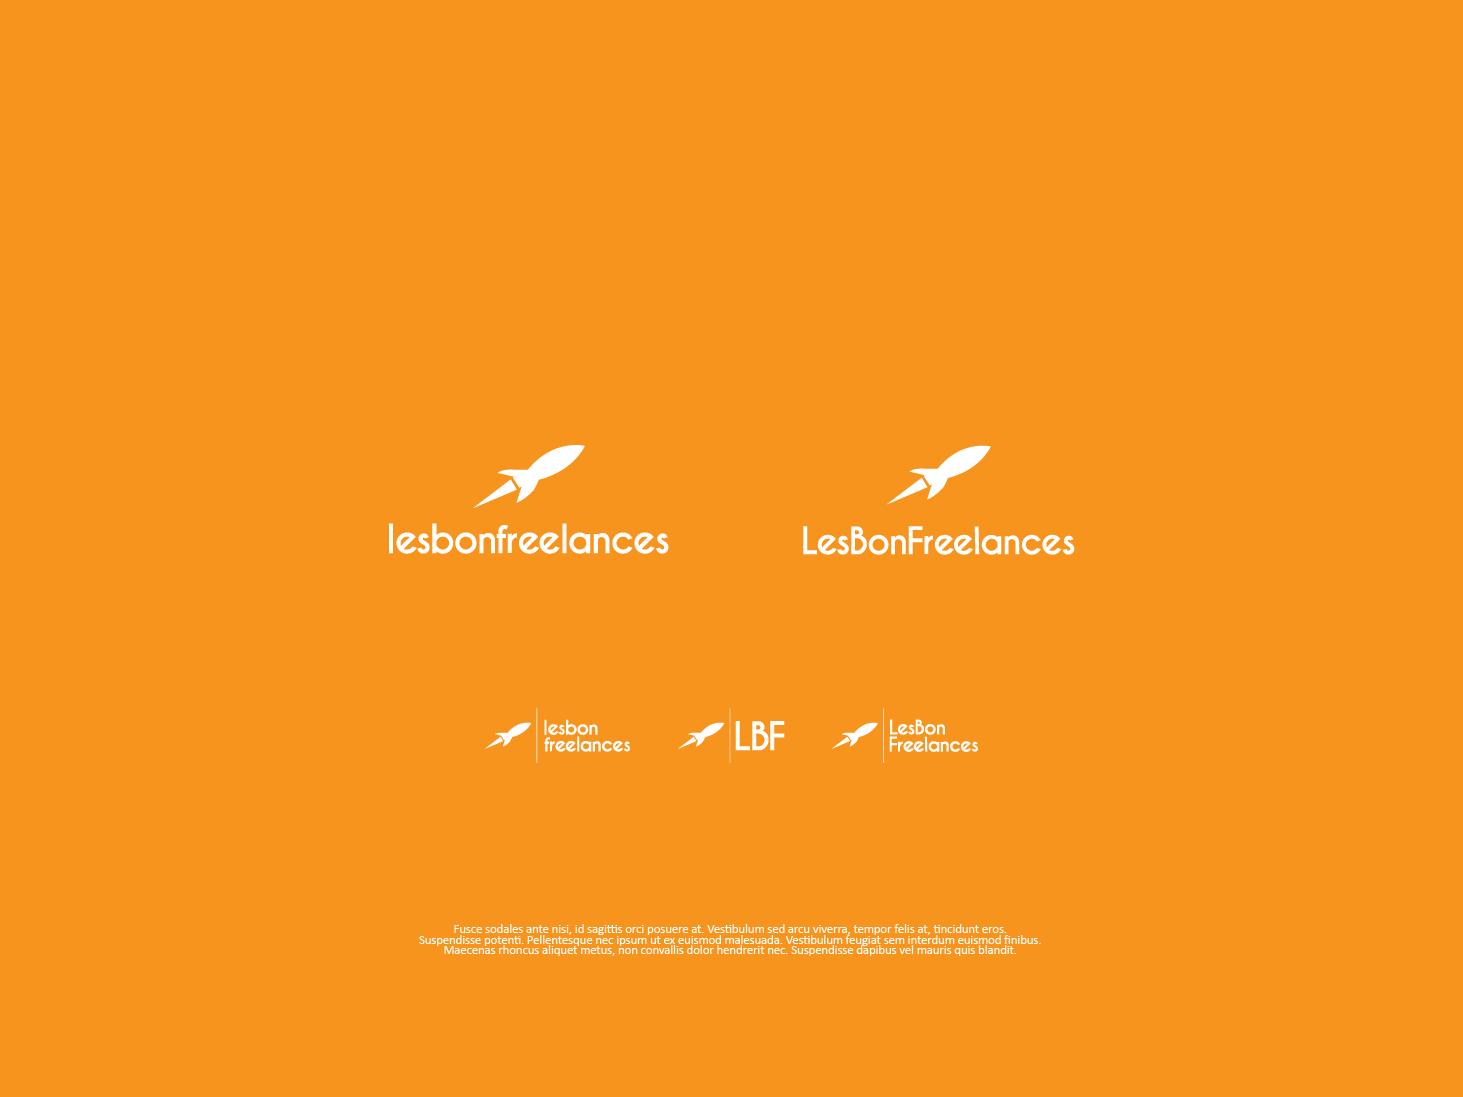 Créer un logo pour une nouvelle plateforme de freelances